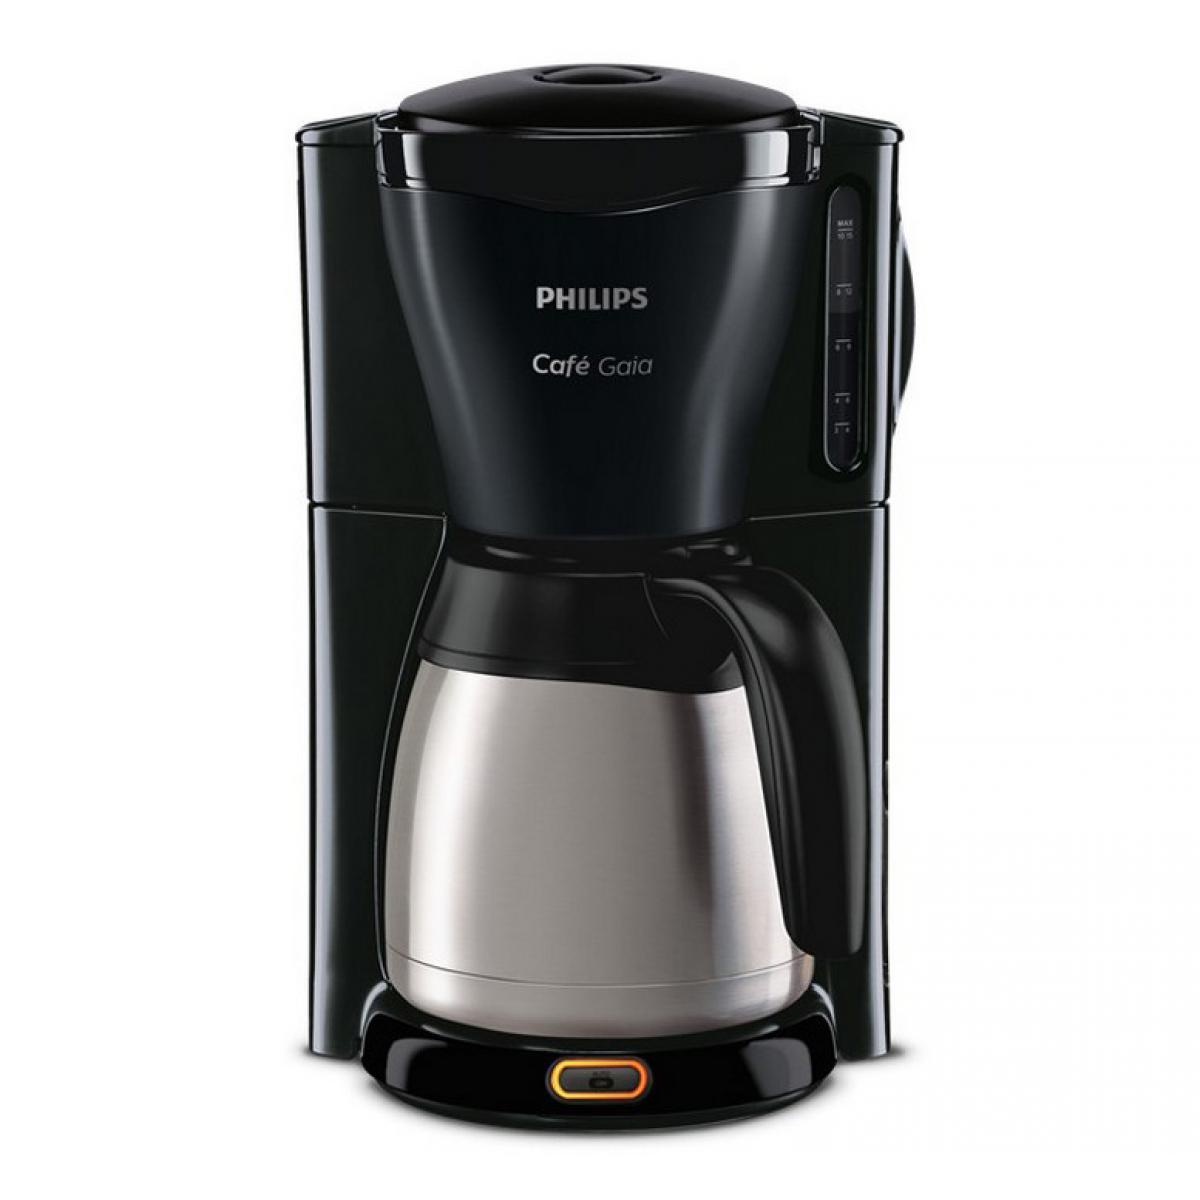 Philips philips - hd7549/20